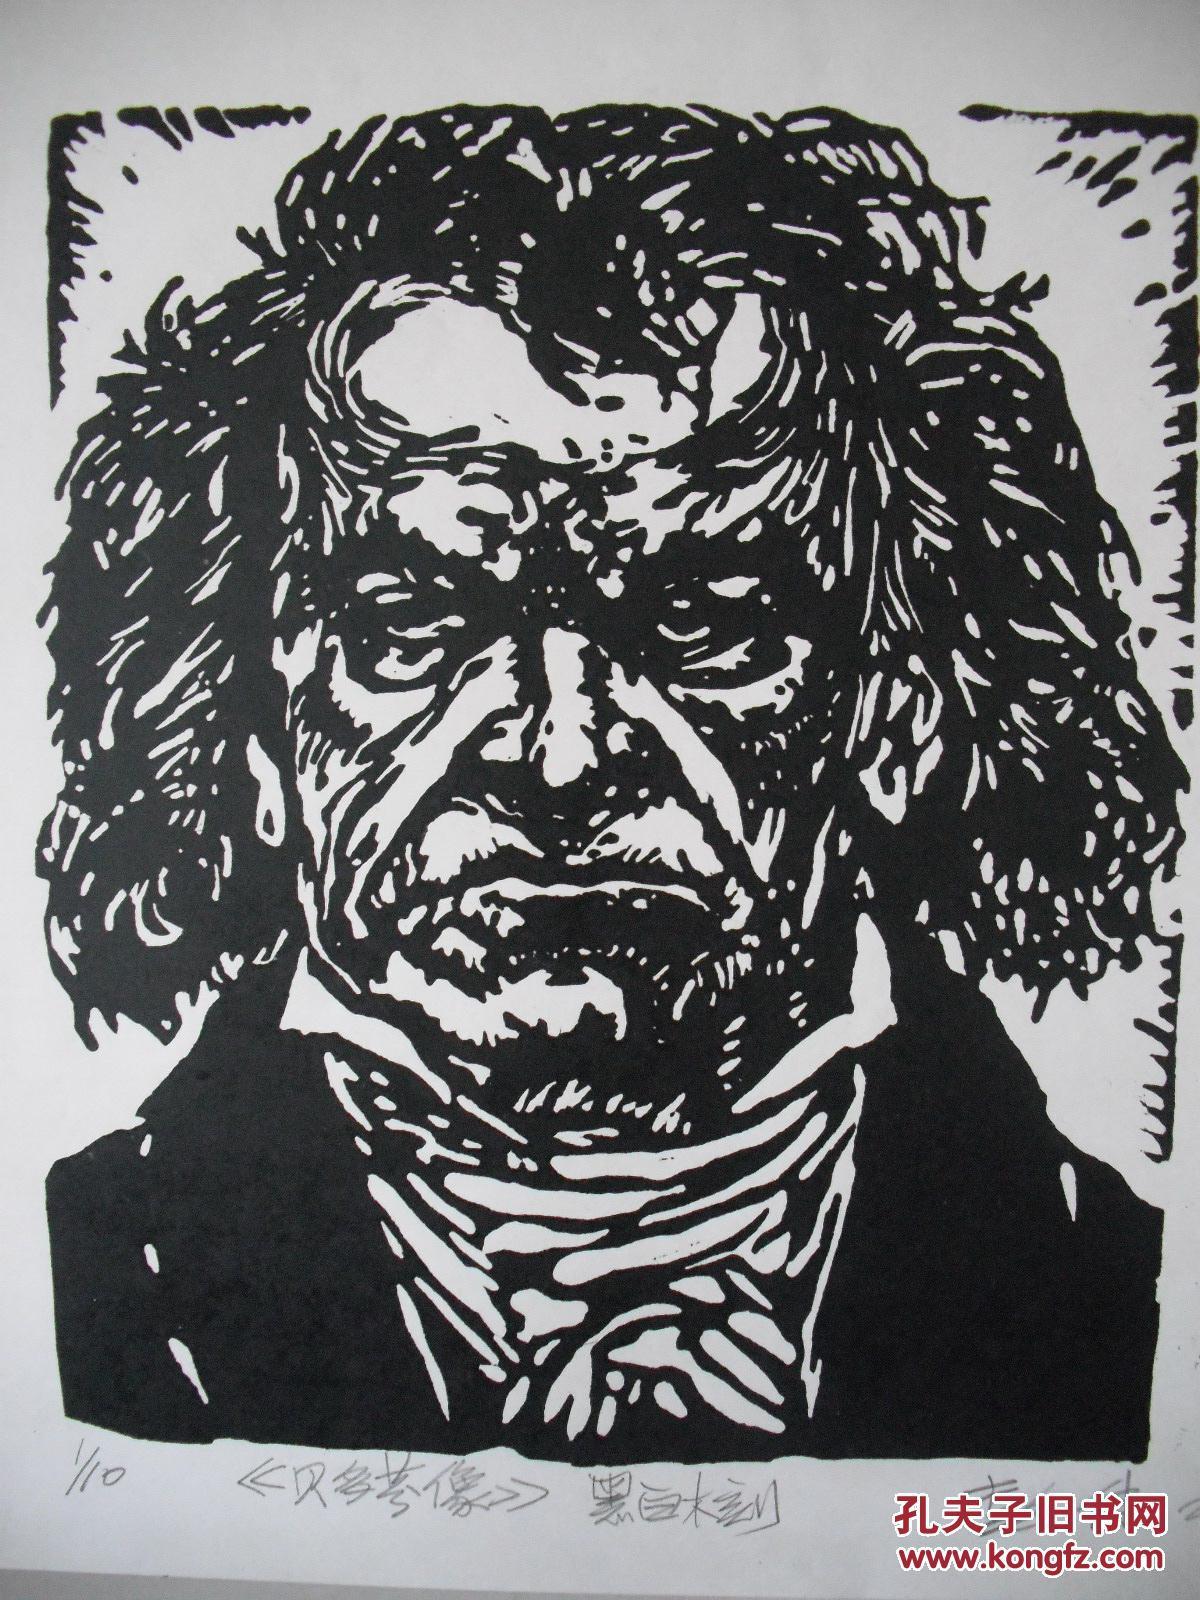 黑白木刻版画 贝多芬图片